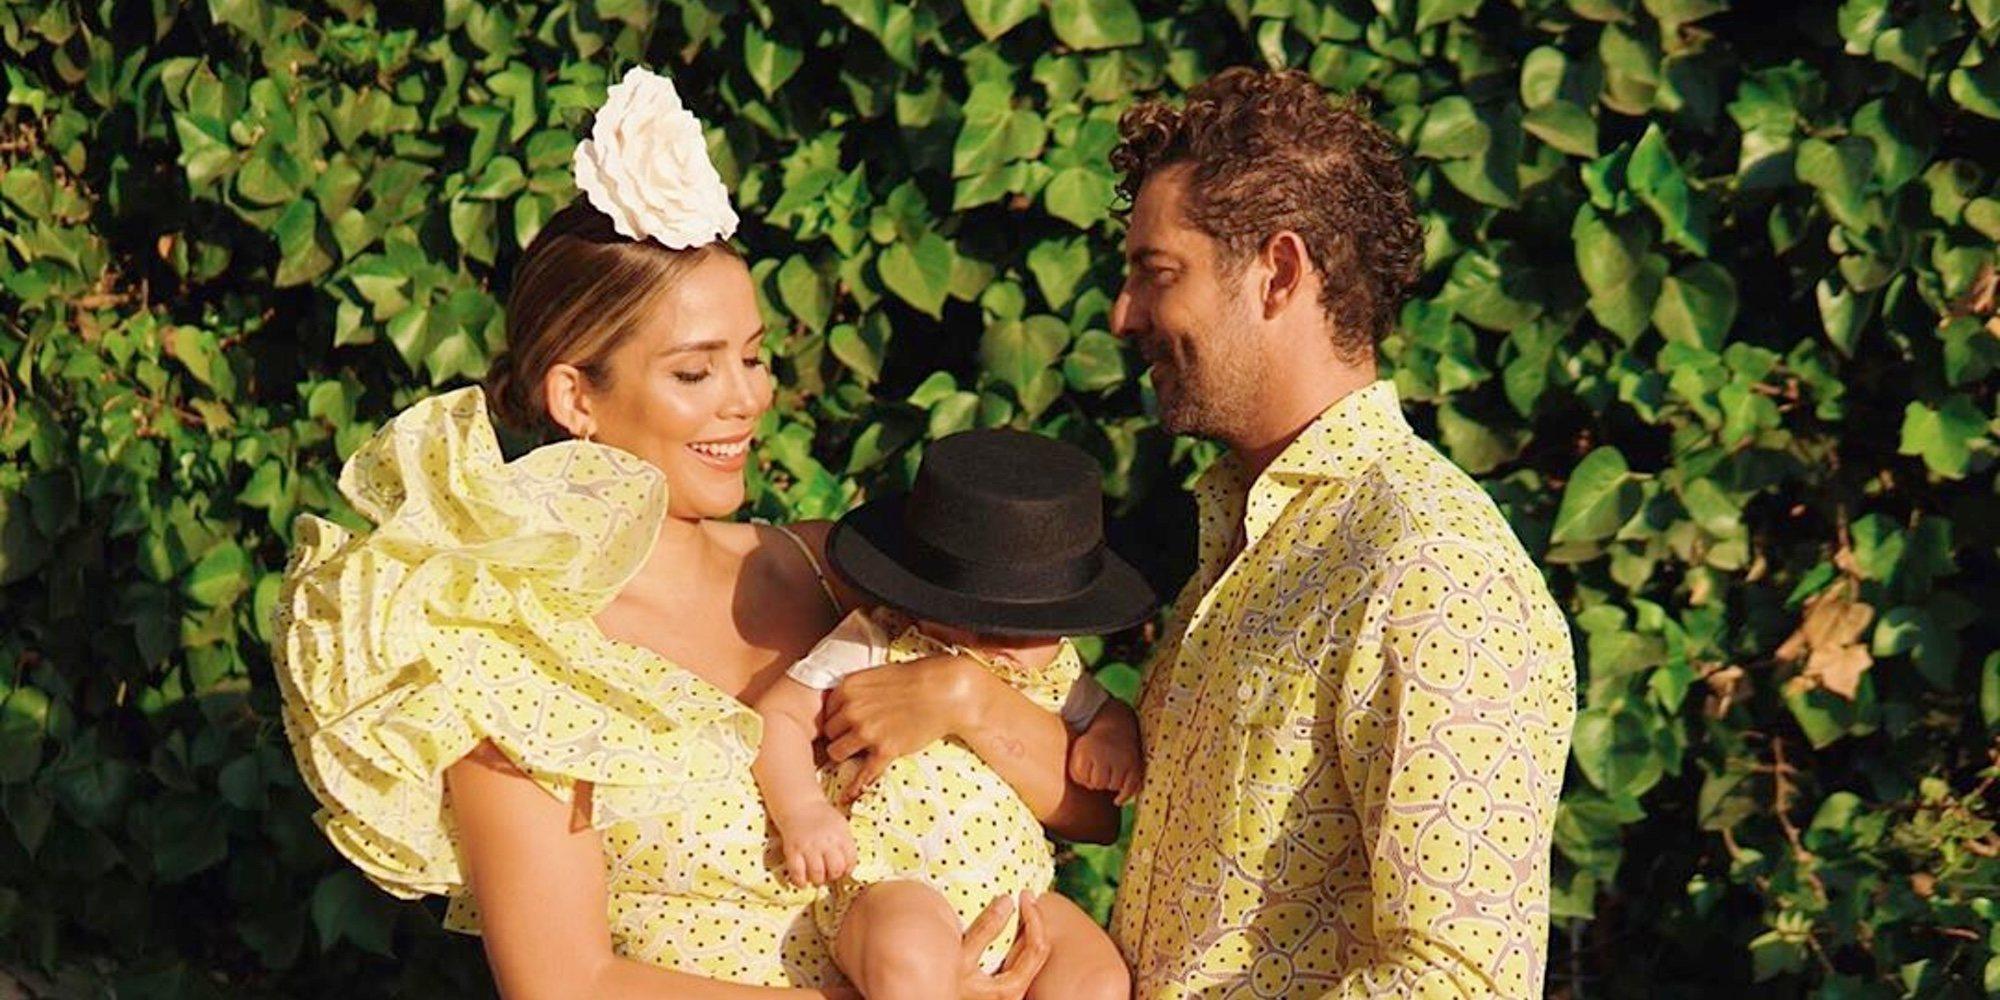 David Bisbal anuncia su intención de tener más hijos con Rosanna Zanetti con un posado familiar